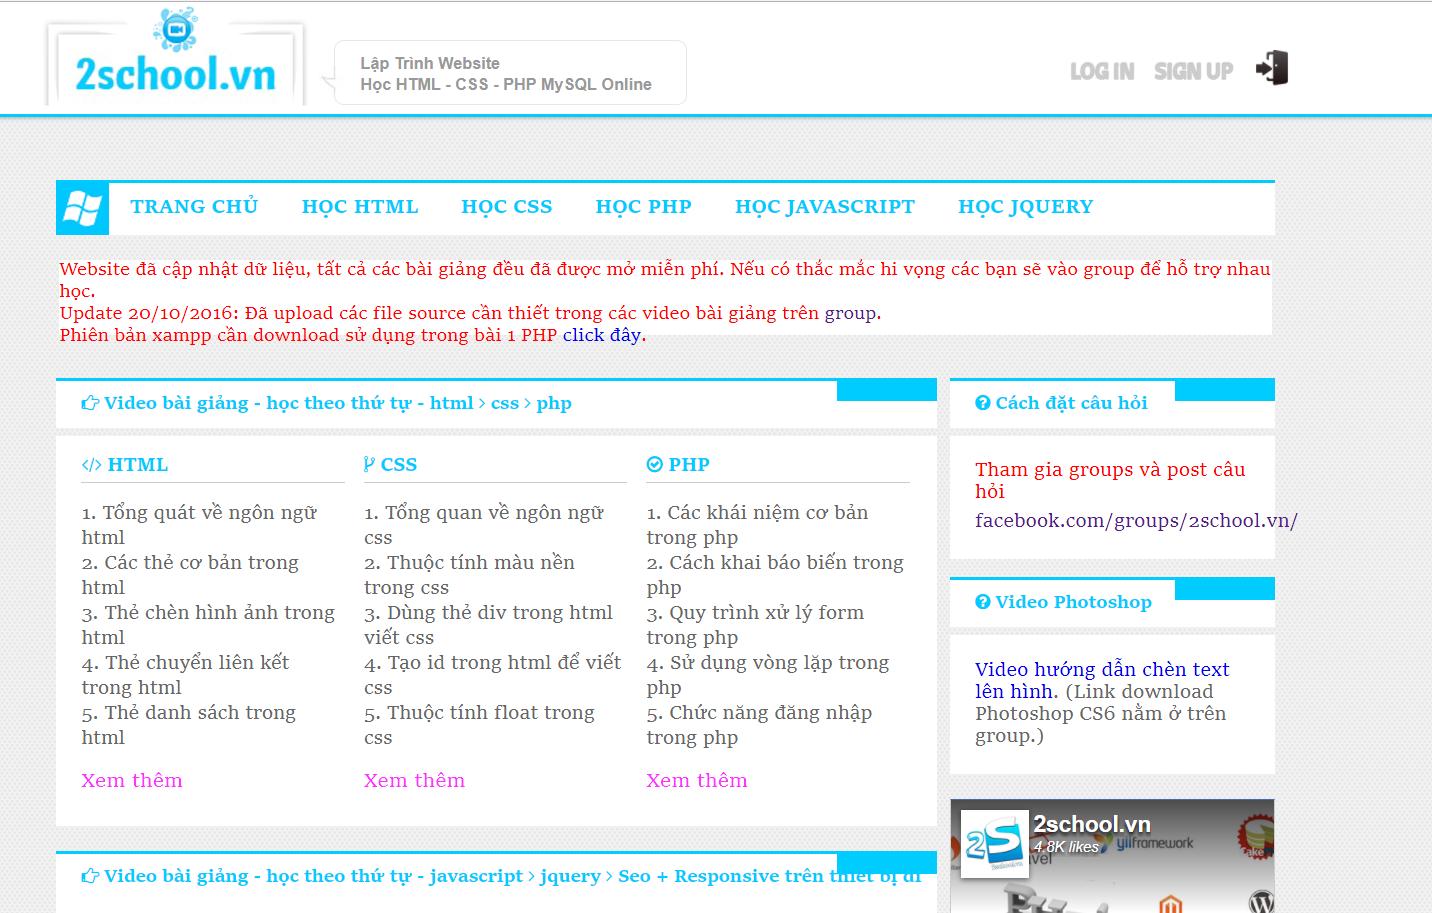 tự học lập trình web tại 2school.vn